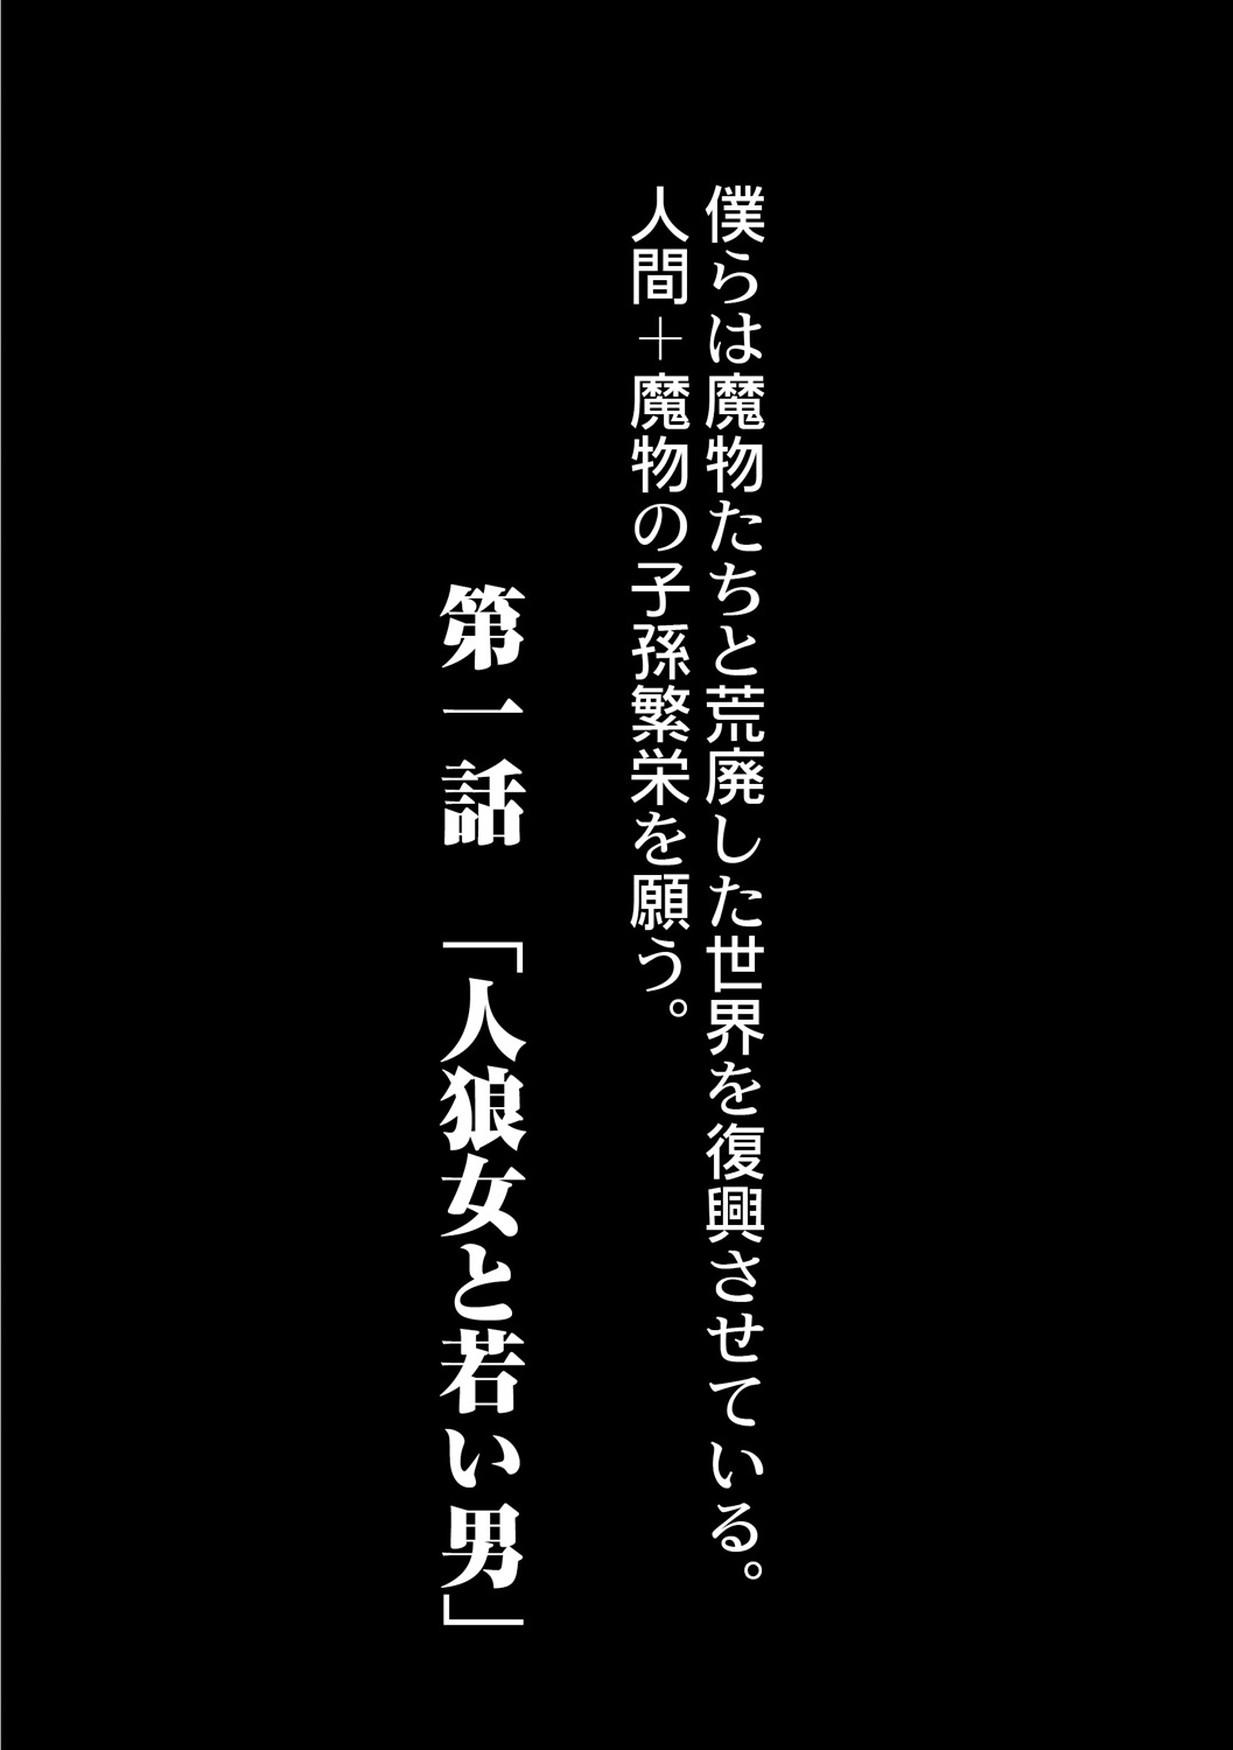 【エロ漫画】獣娘と人間が孕むまで異種姦して最後の一滴まで搾りとられちゃうwww【無料 エロ同人誌】 (2)